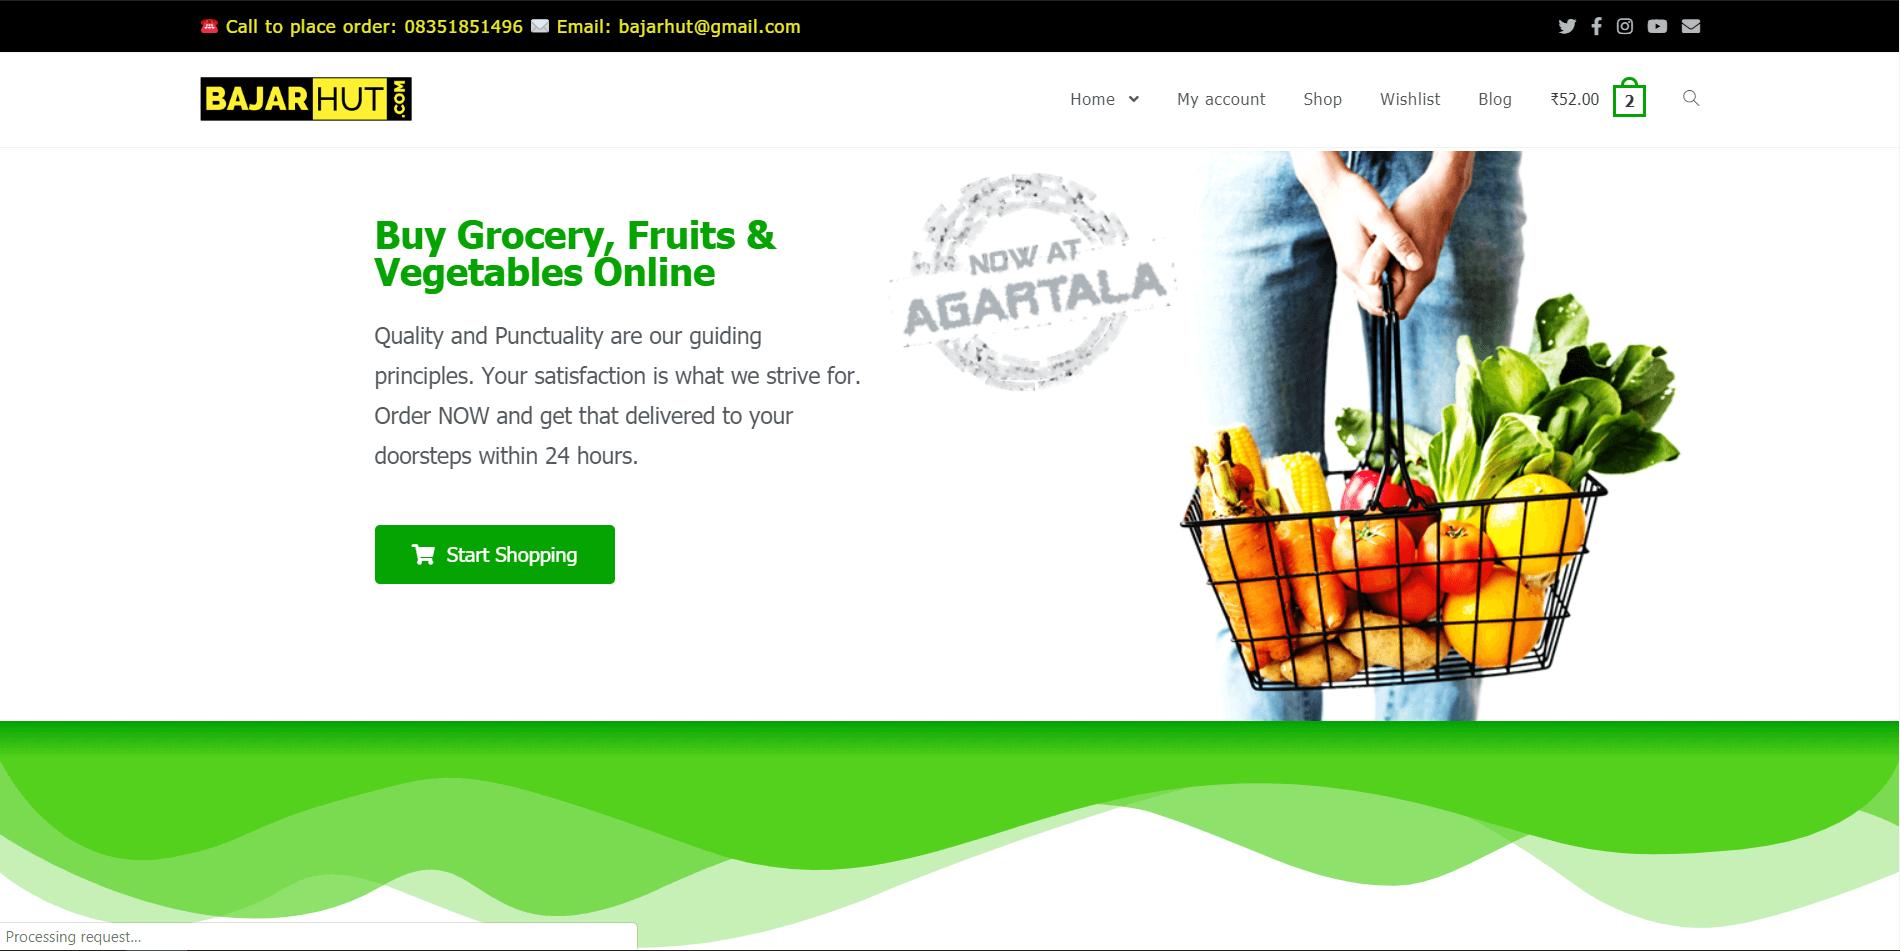 sTdwares Freelancing Venture - WP_BajarHut